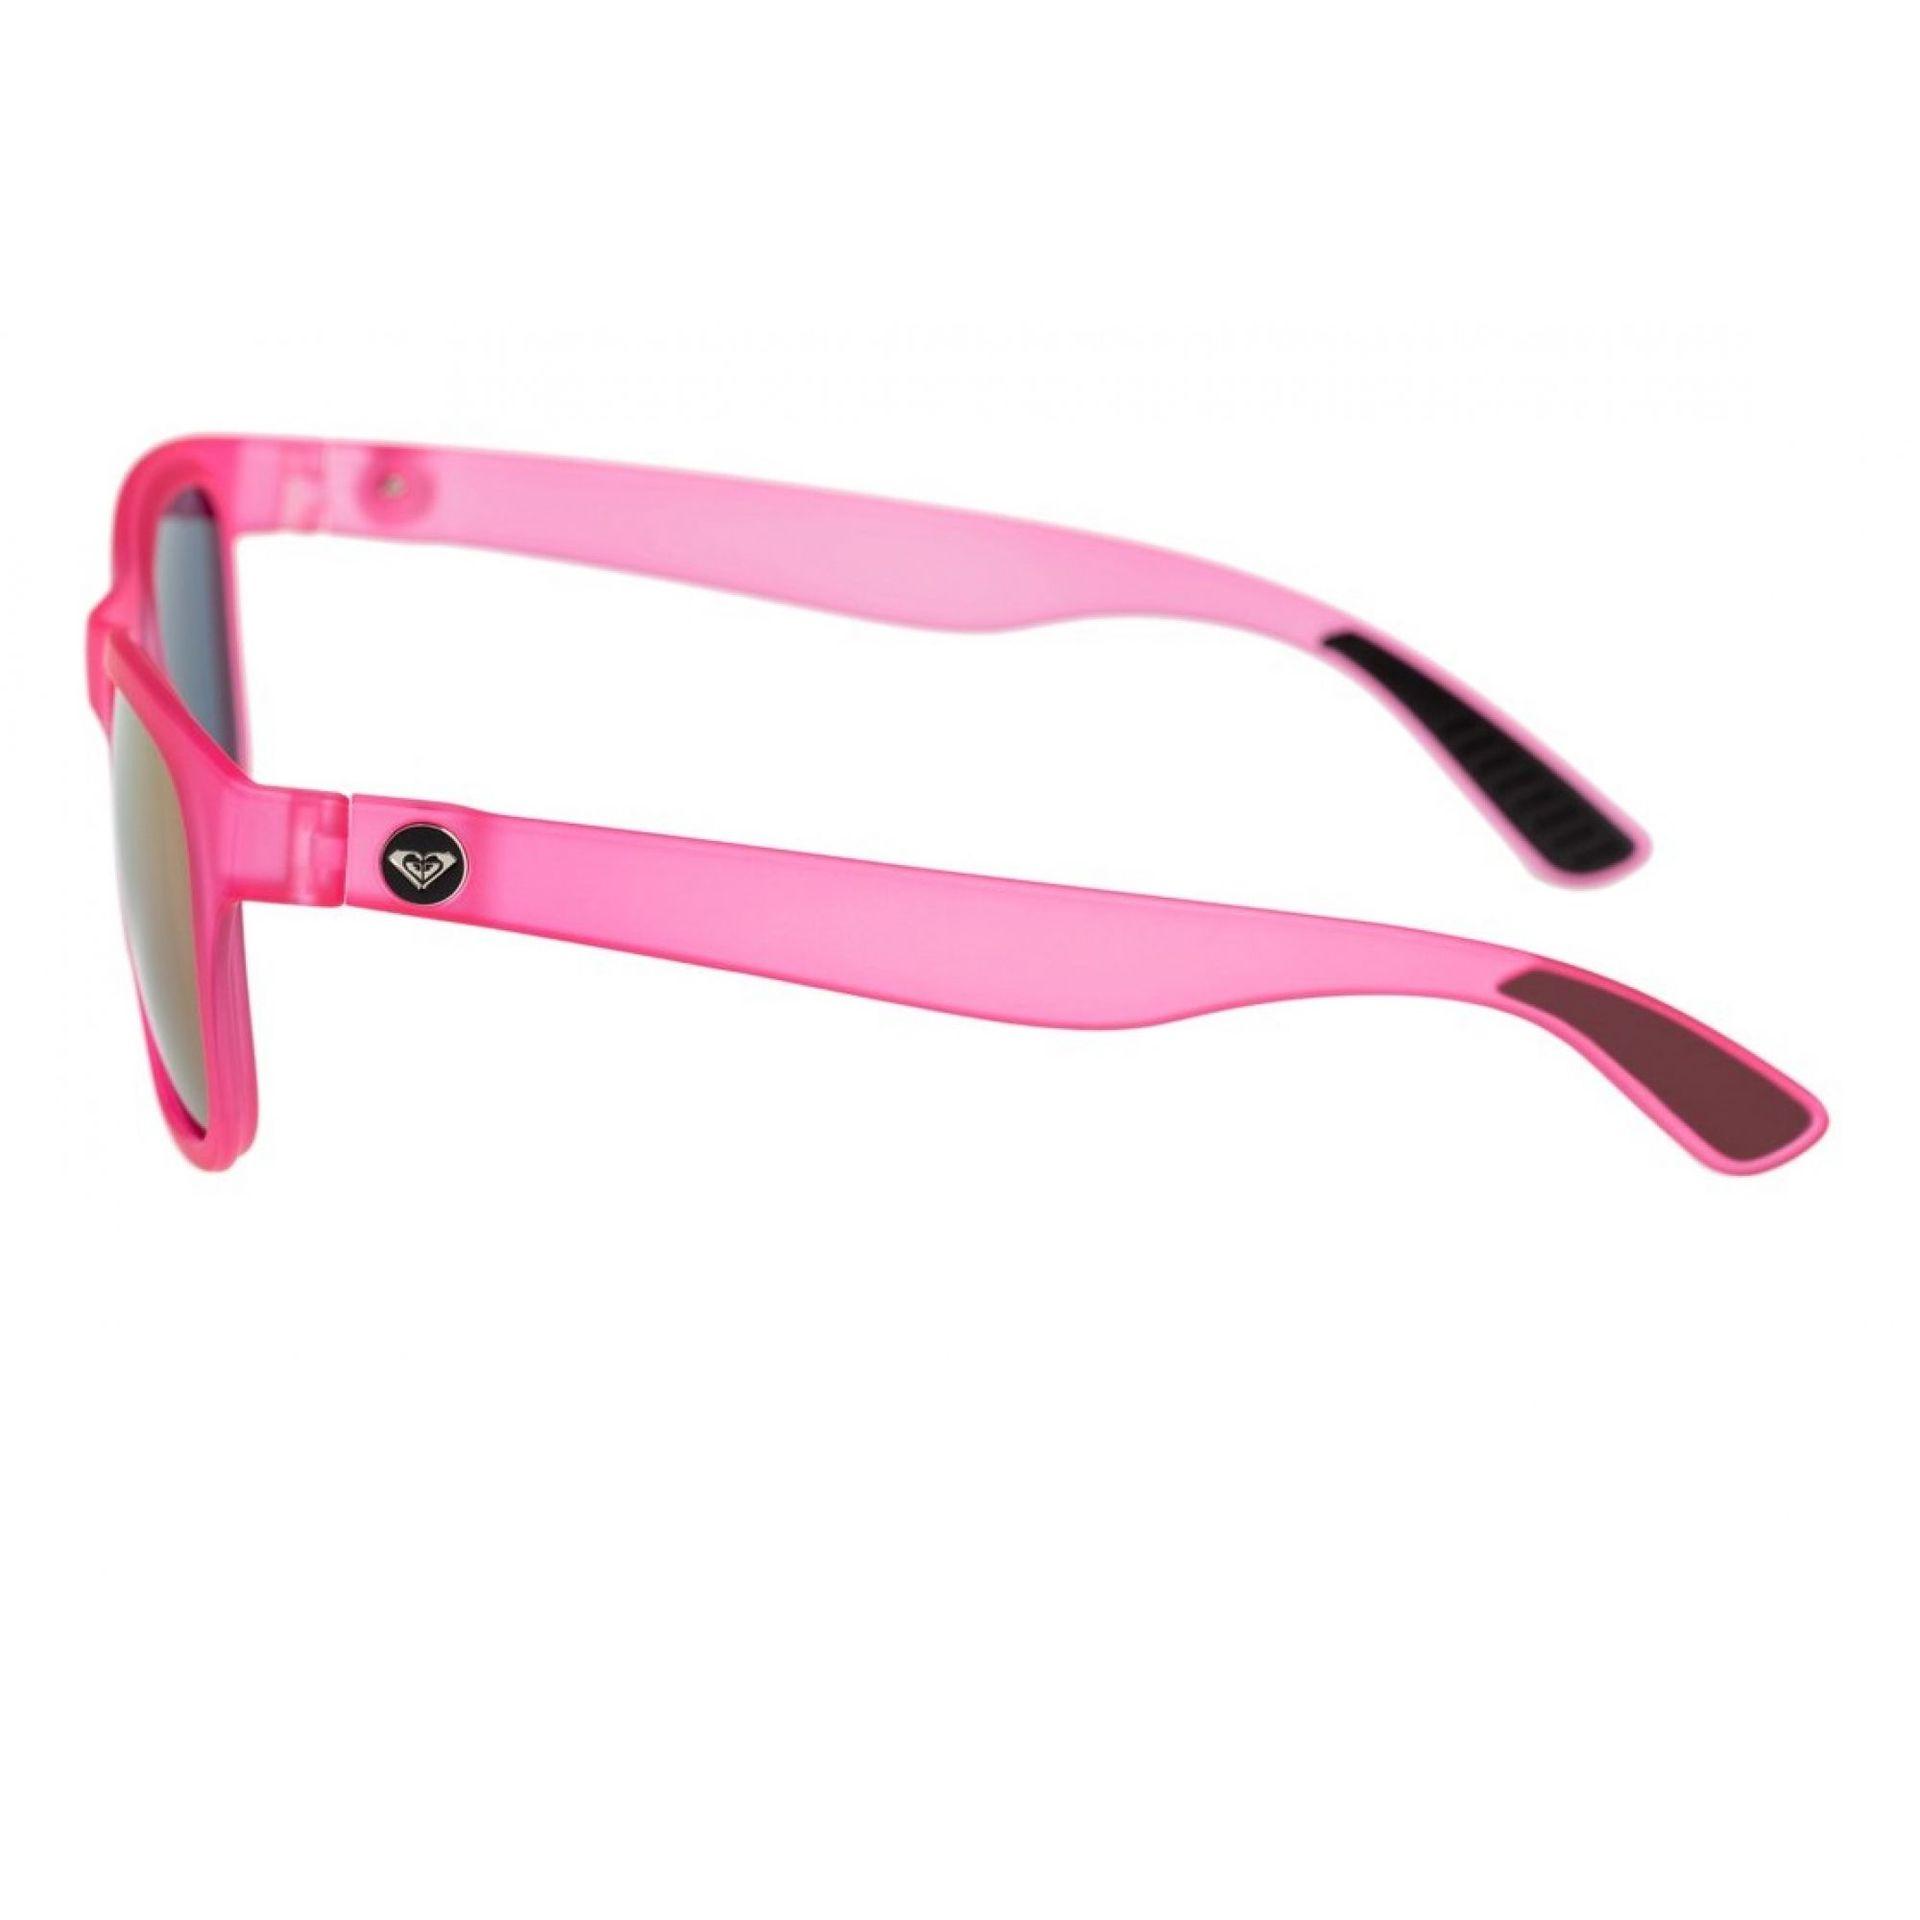 Okulary Roxy Runaway widok z boku różowy